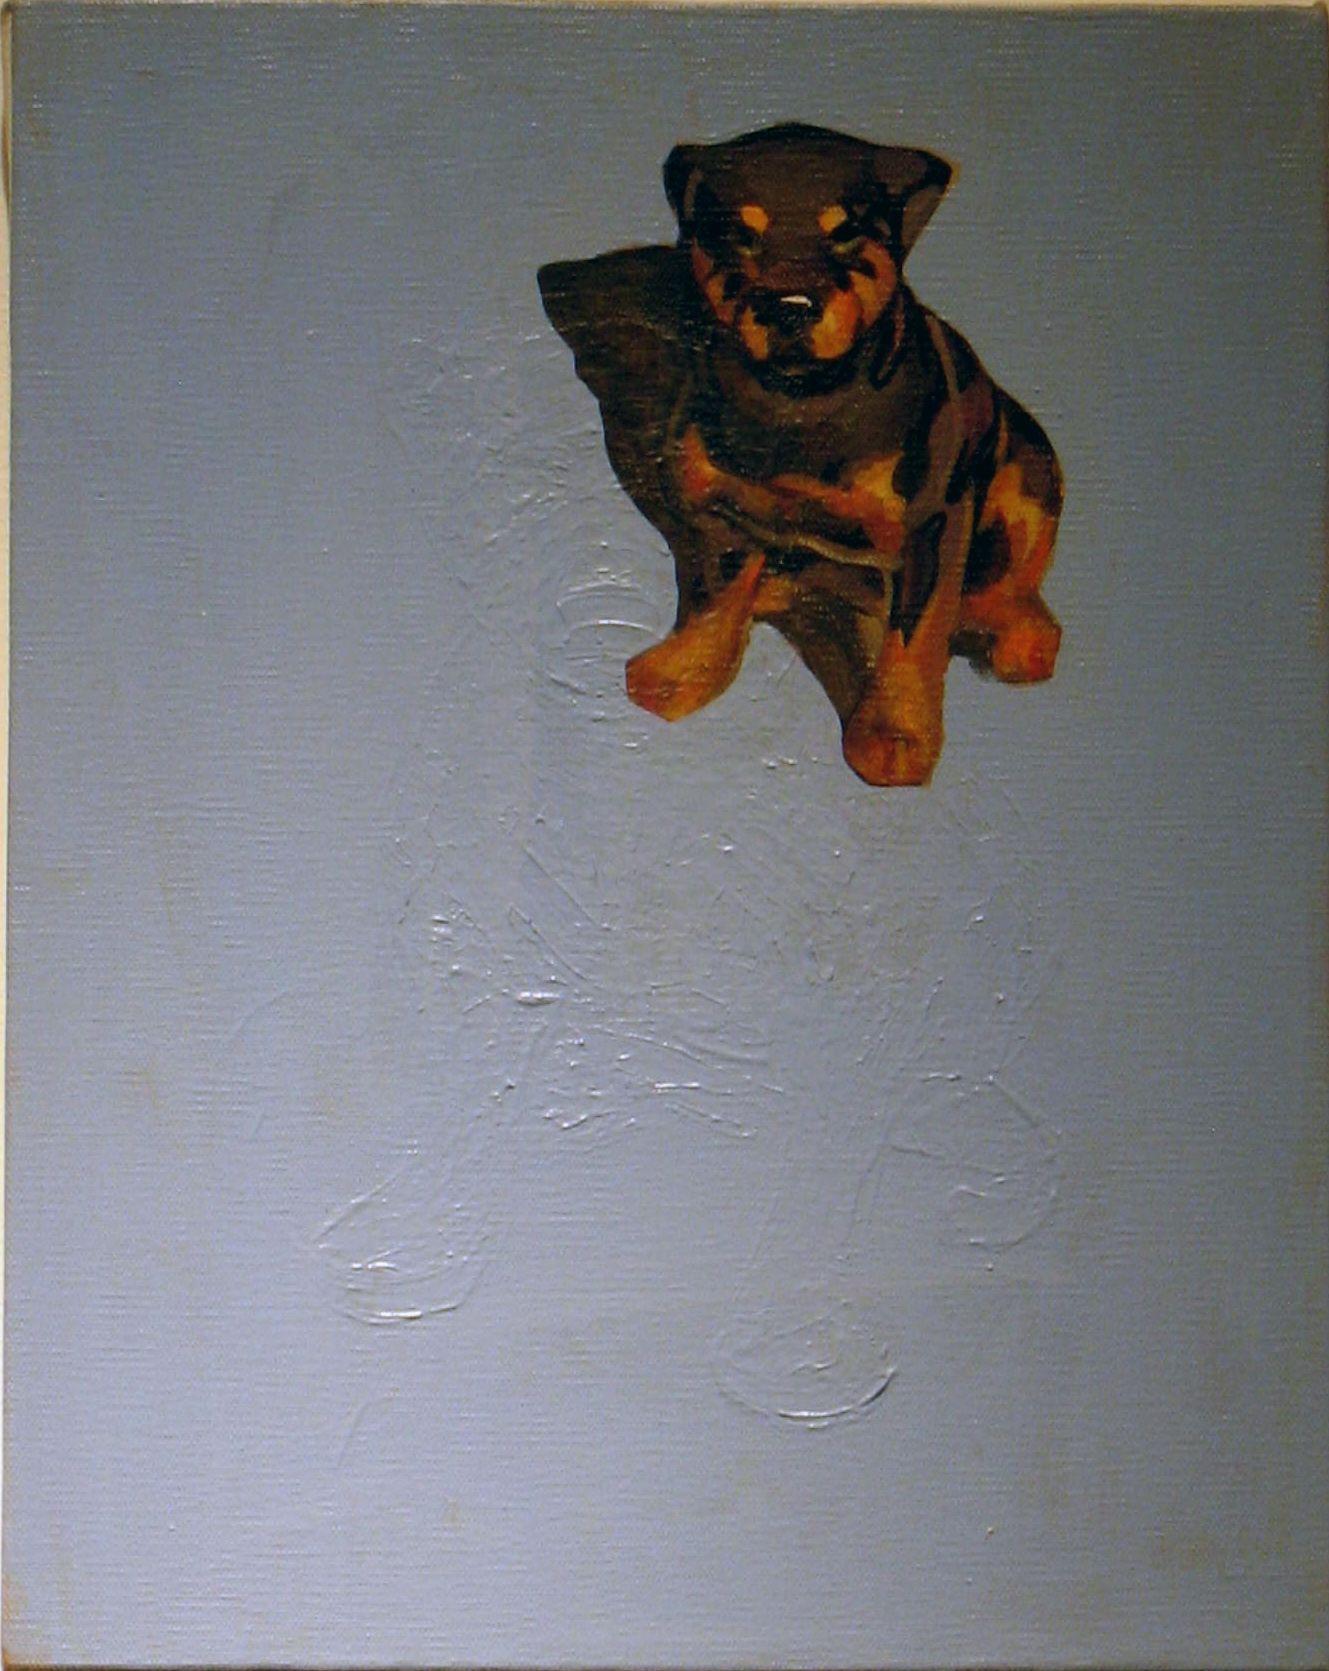 SANDY CHISM Shrink, c. 2006